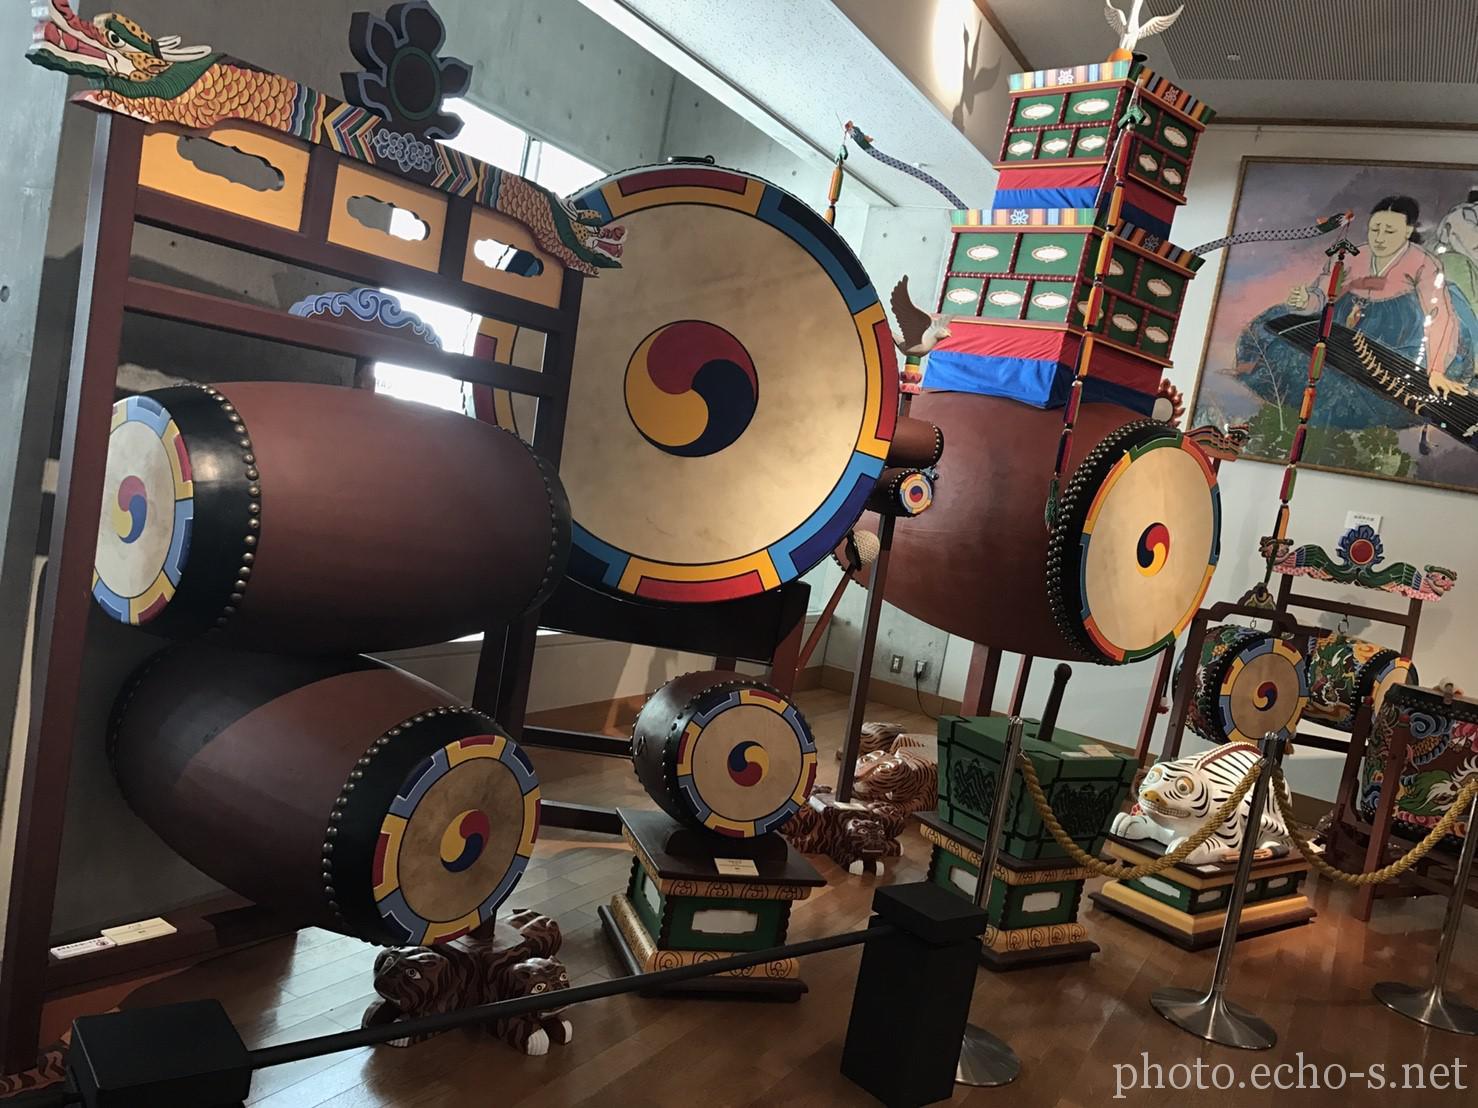 浜松市 浜松市楽器博物館 アジア 太鼓